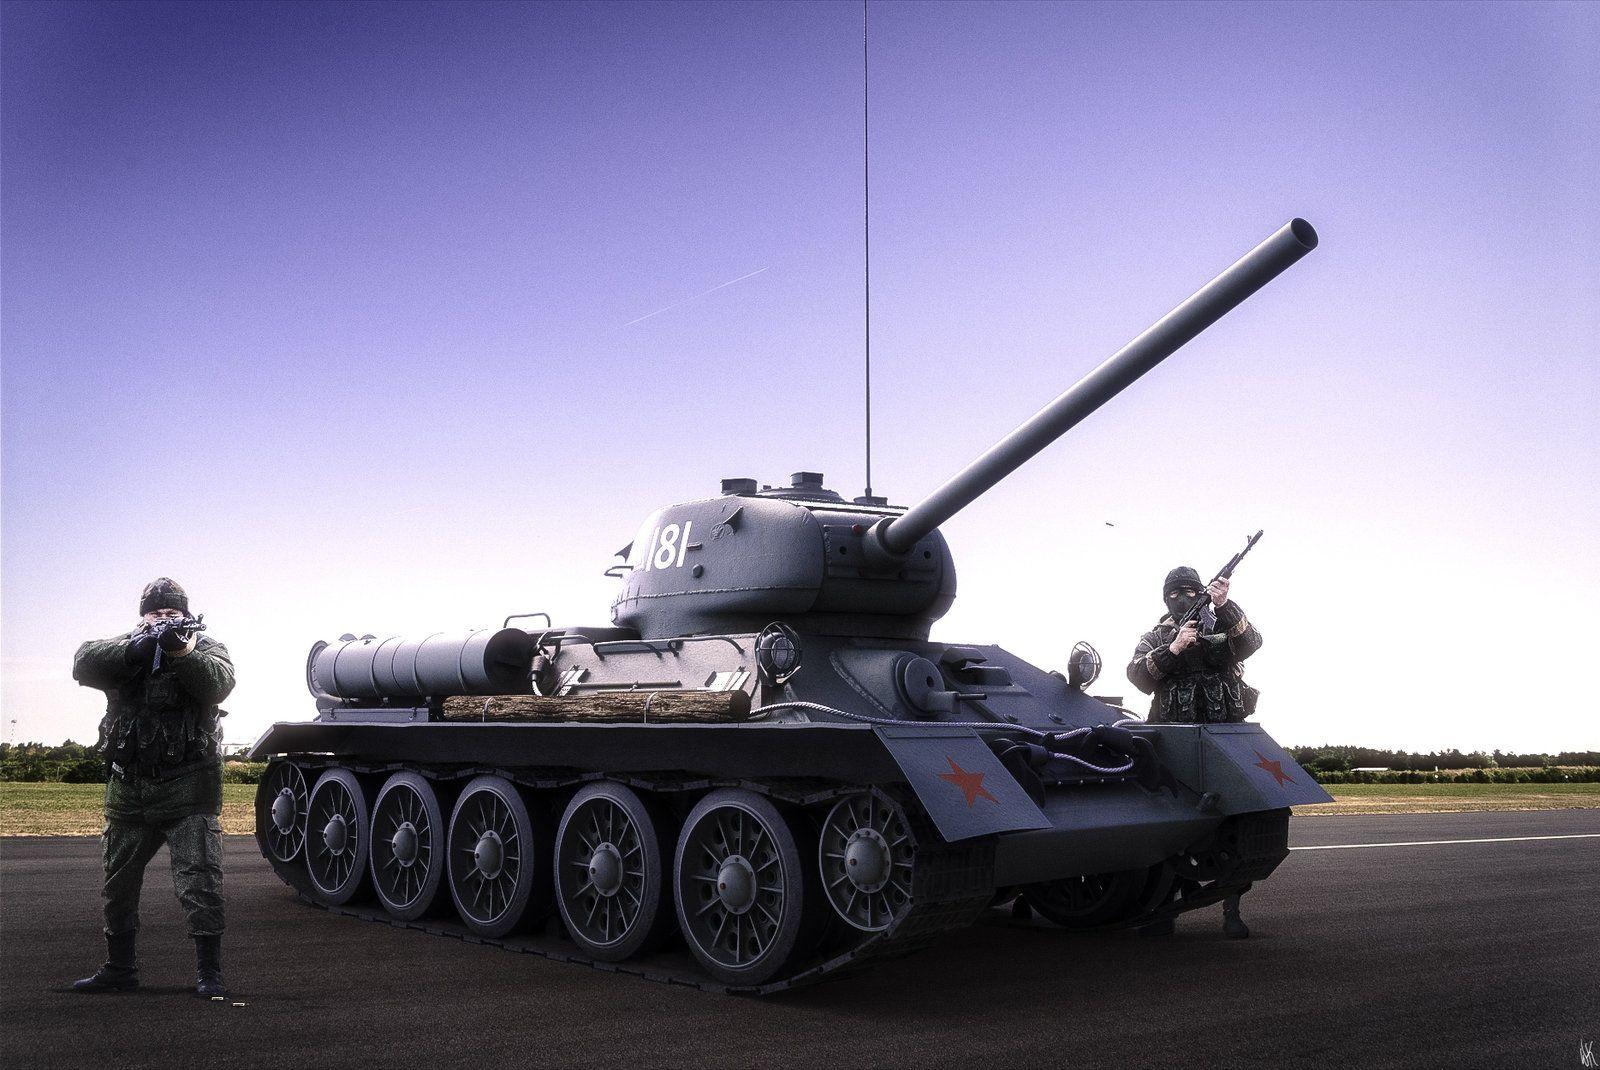 Russian T34-85, Wallace Kirkwood on ArtStation at http://www.artstation.com/artwork/russian-t34-85